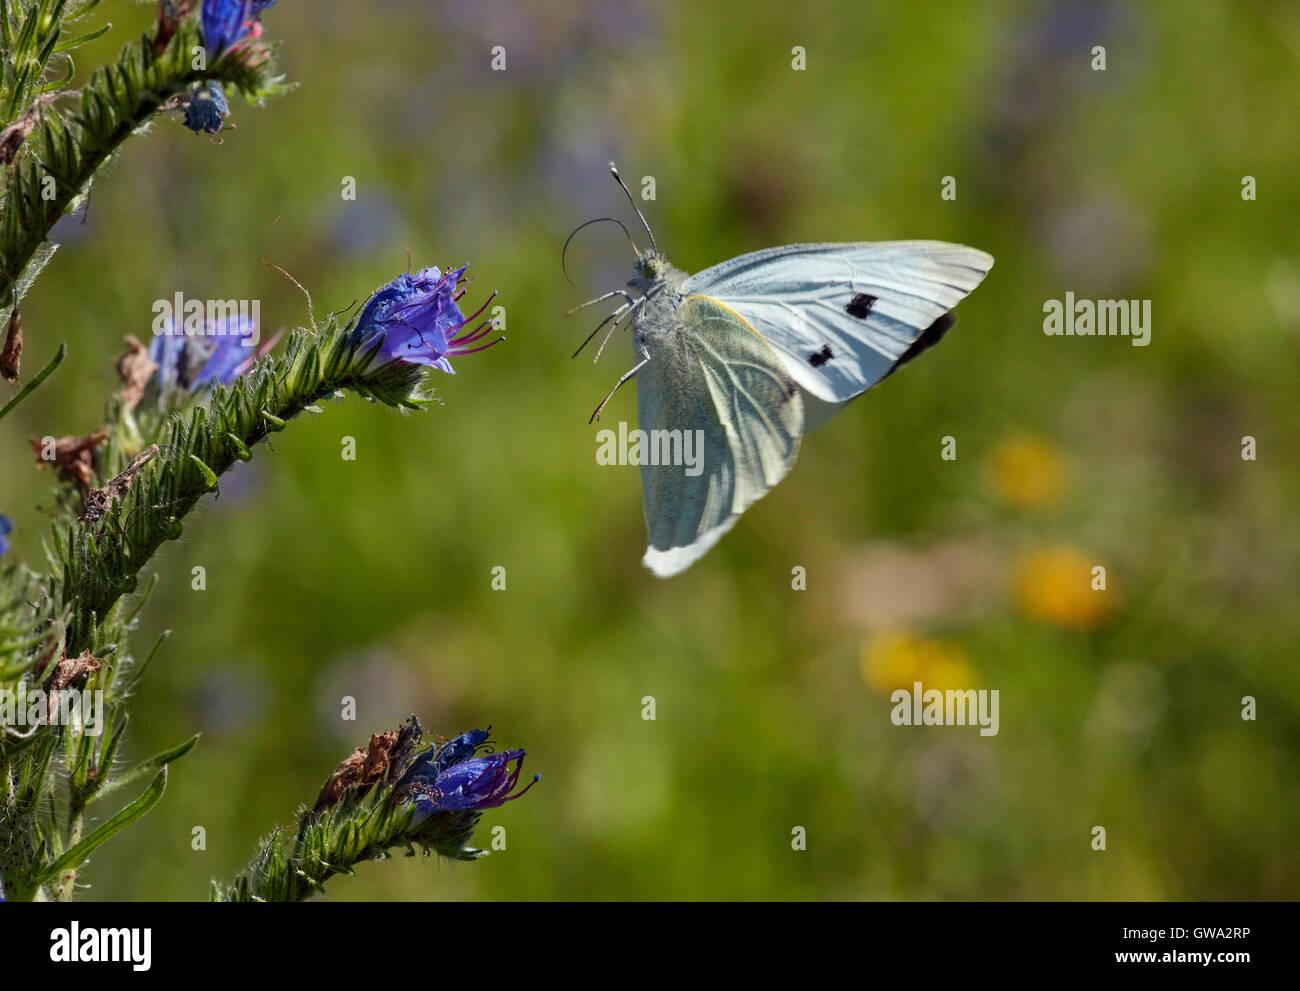 Großer weißer Schmetterling von Viper's Bugloss Blume. Stockbild